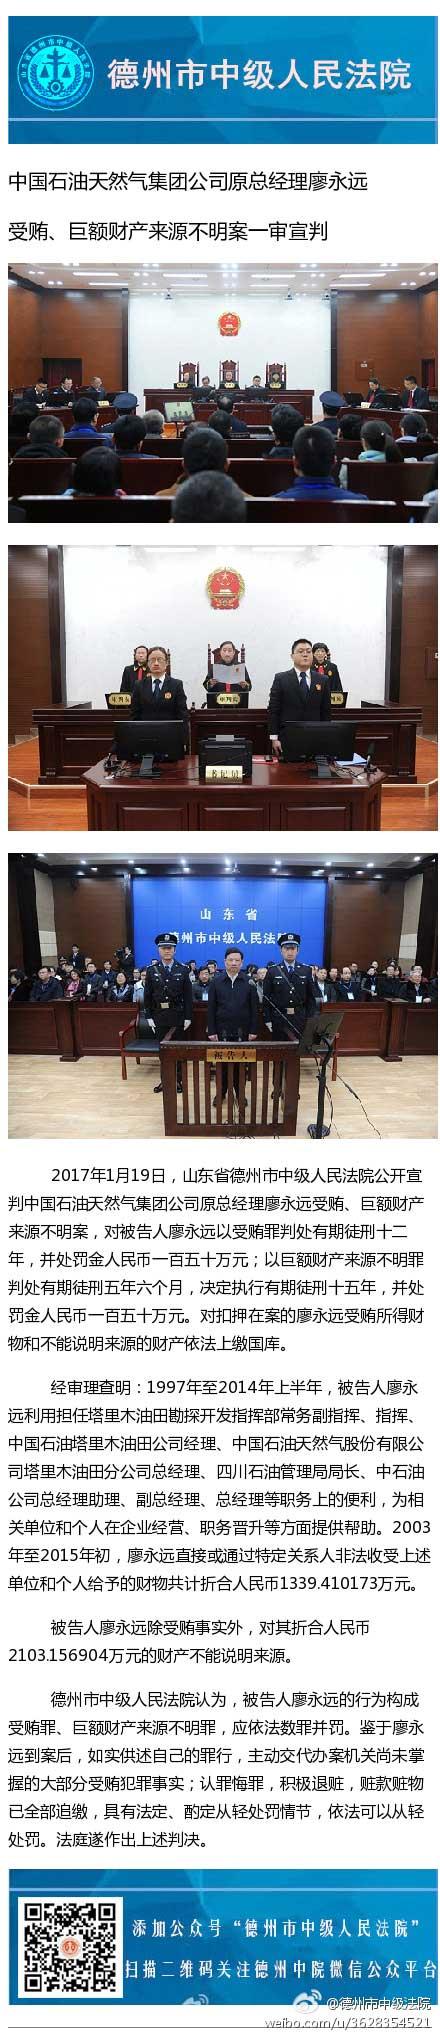 中石油原总经理廖永远一审获有期徒刑15年